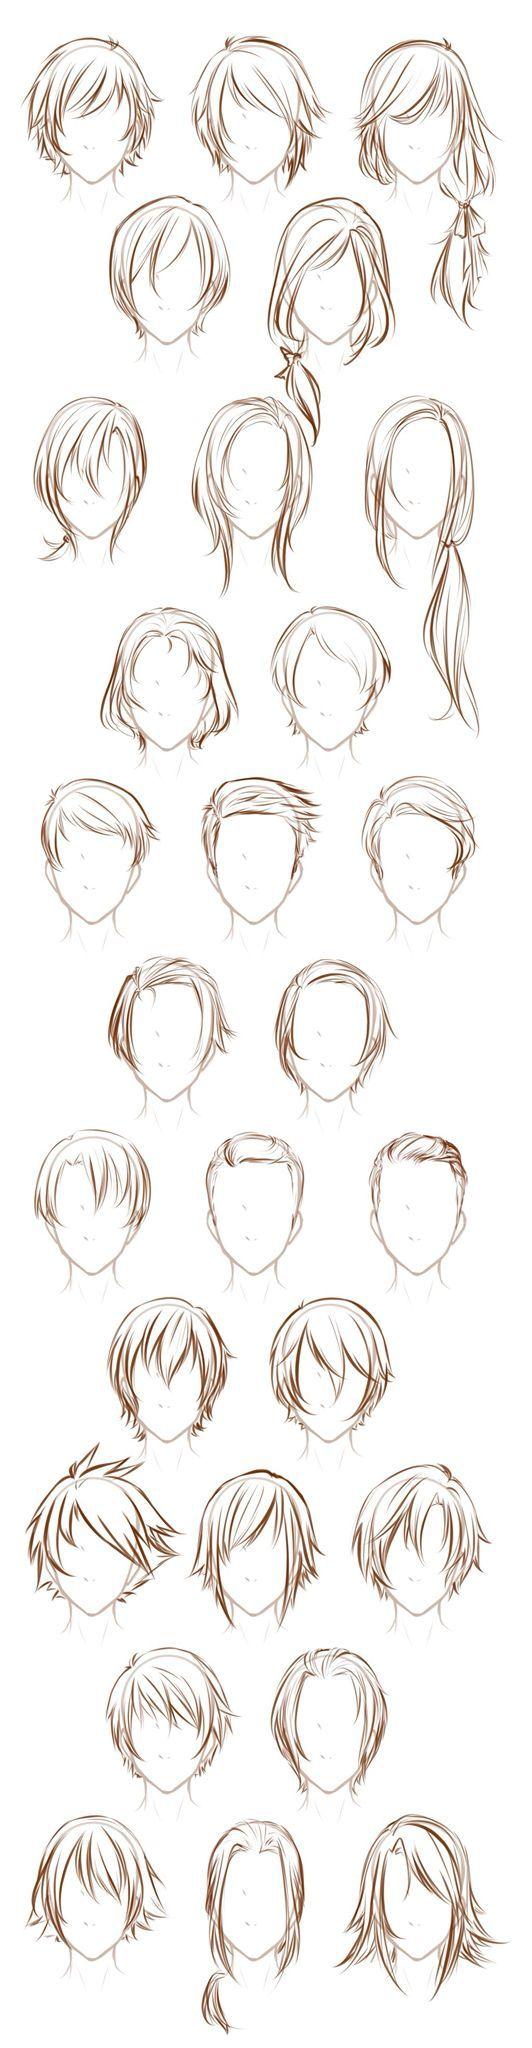 Referencia cabello masculino y femenino